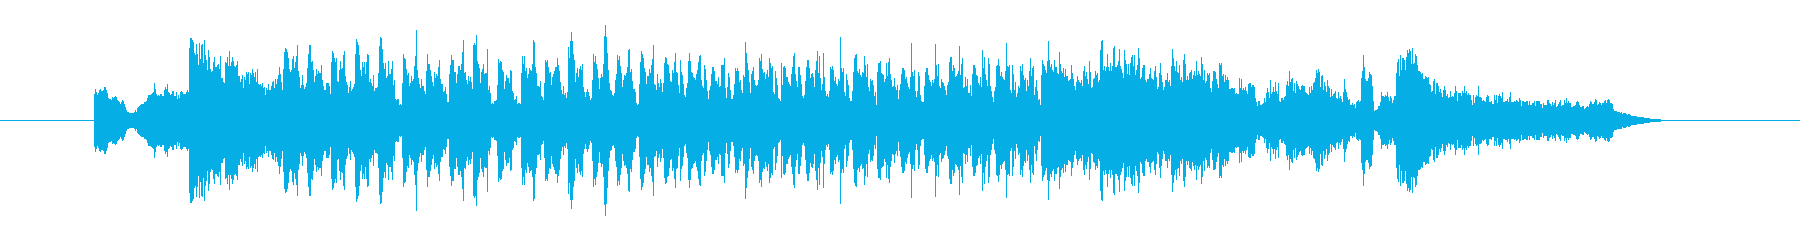 アップテンポで楽しいテクノポップの曲の再生済みの波形